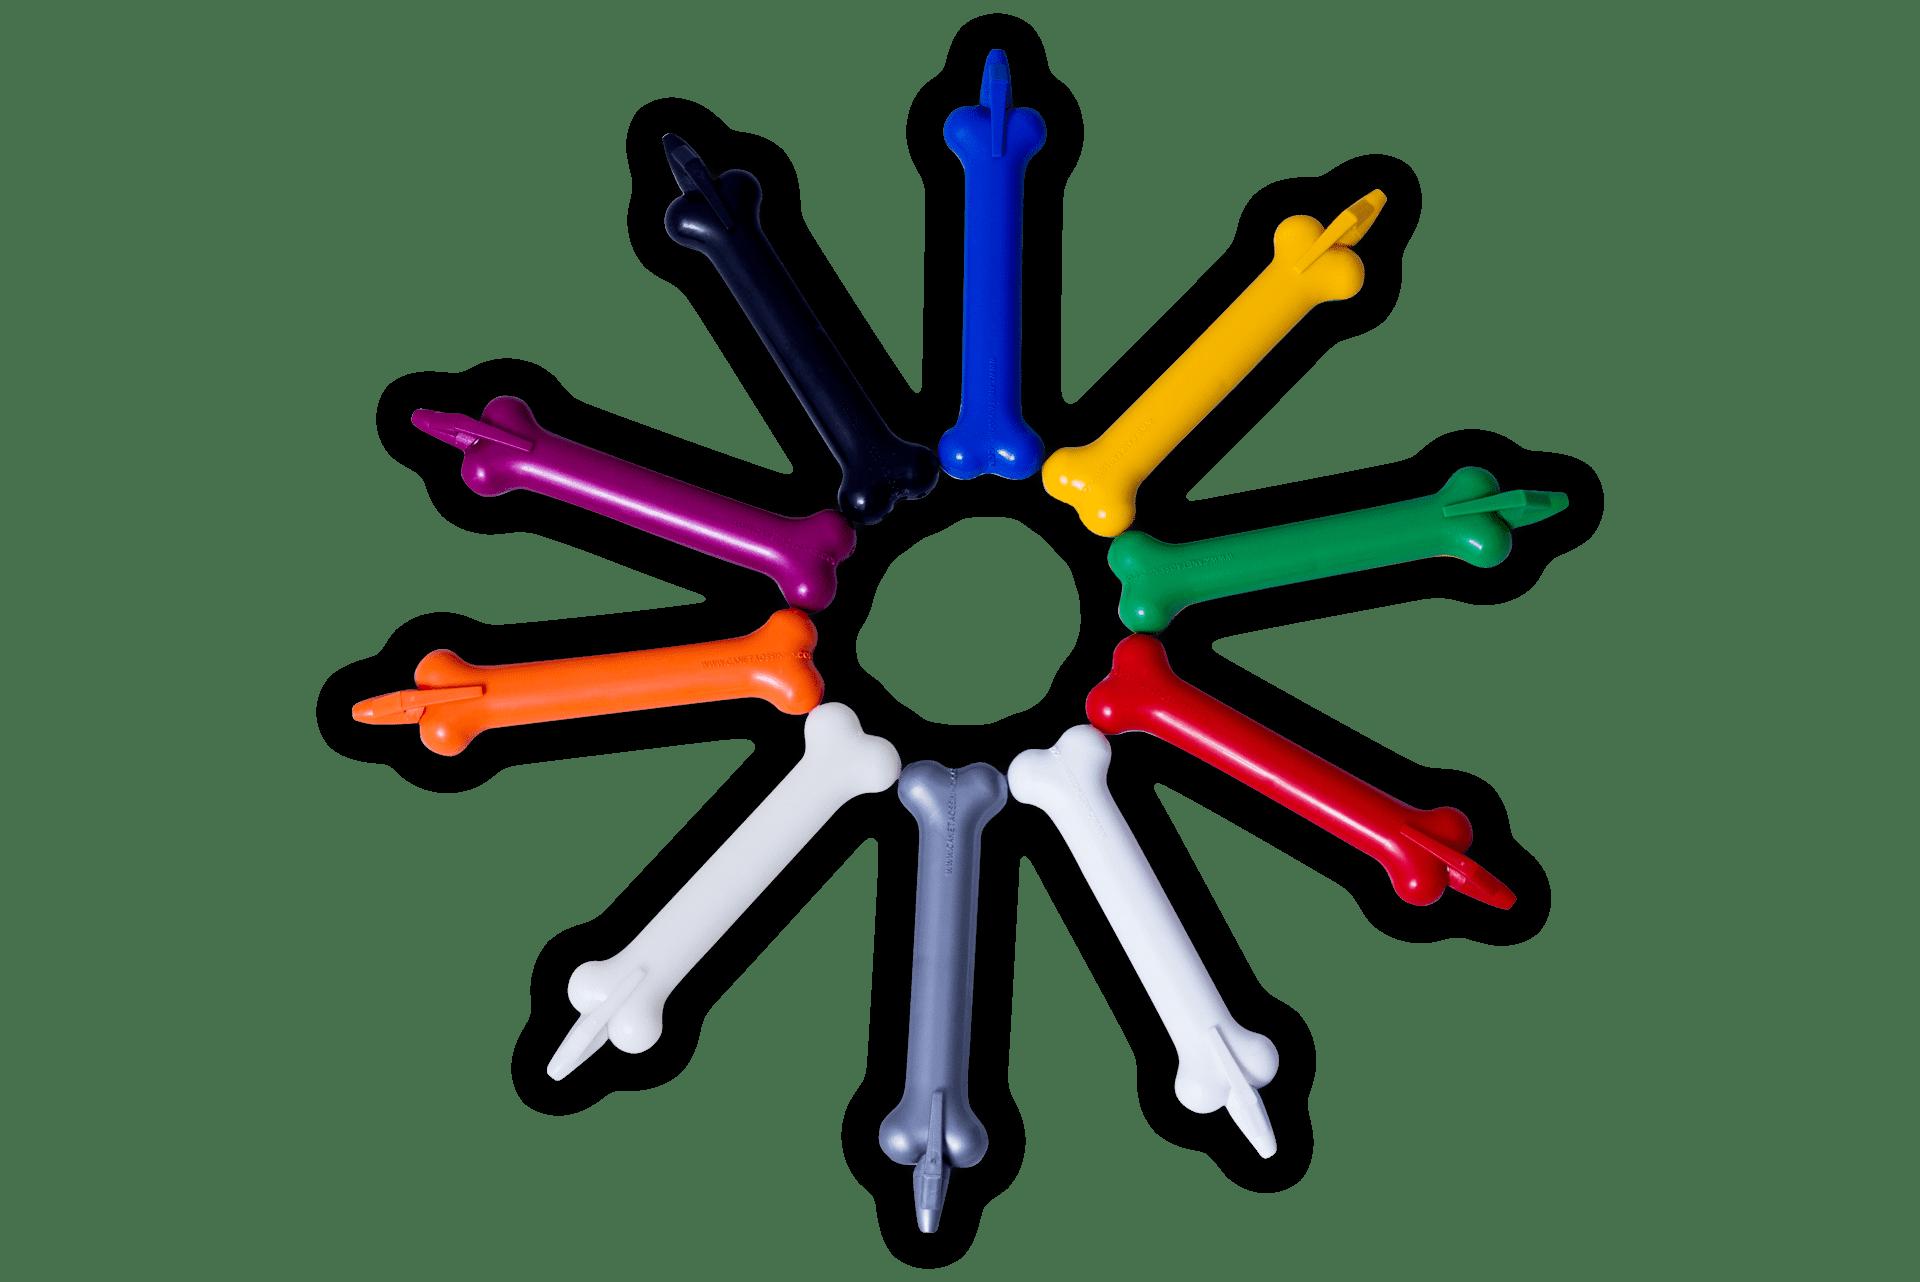 Imagem do produto caneta ossinho da Linha Diversos, formando um circulo com várias cores do produto para visualização